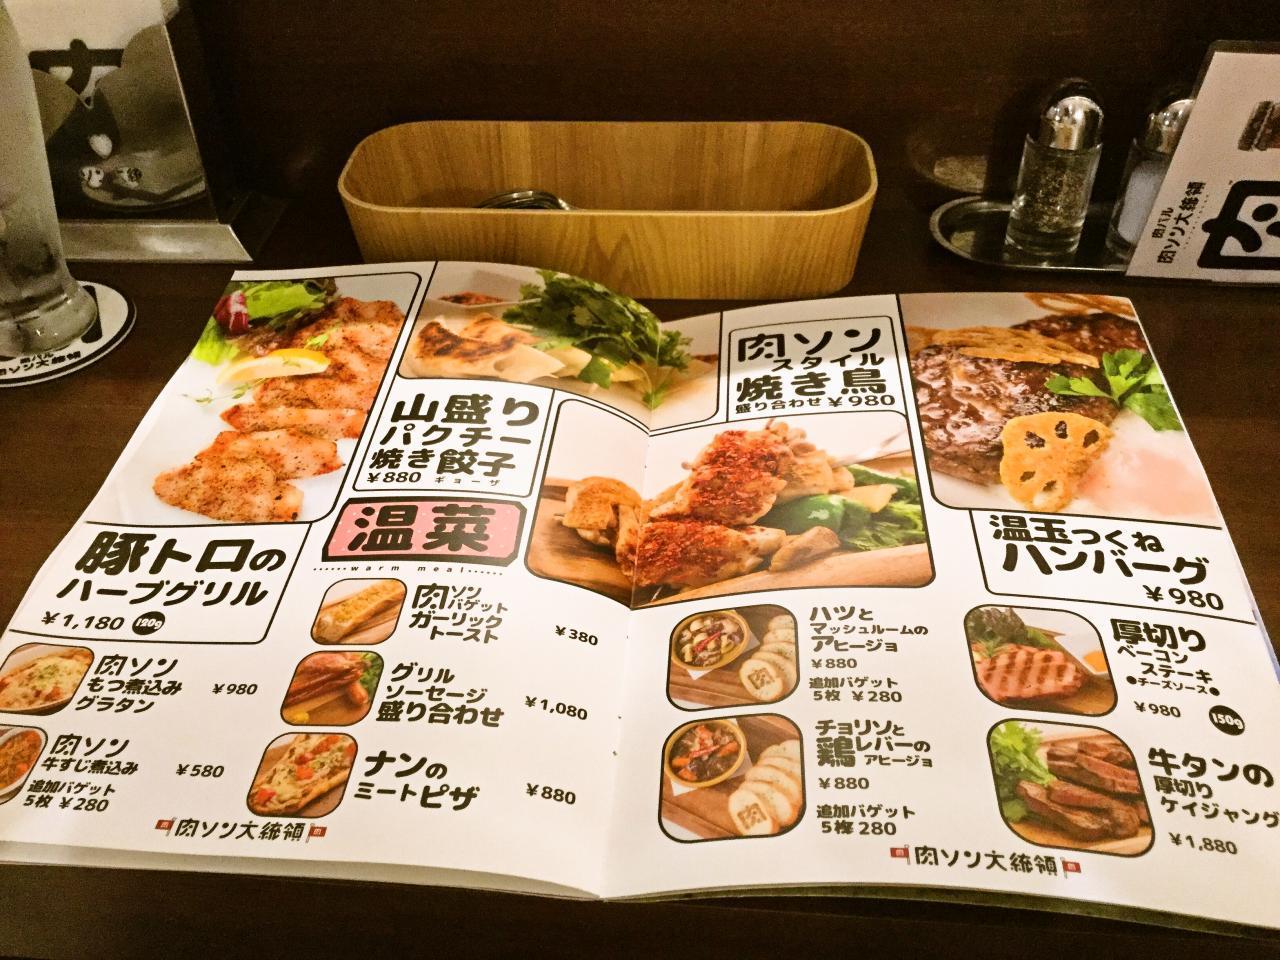 肉バル 肉ソン大統領 秋葉原店(メニュー)